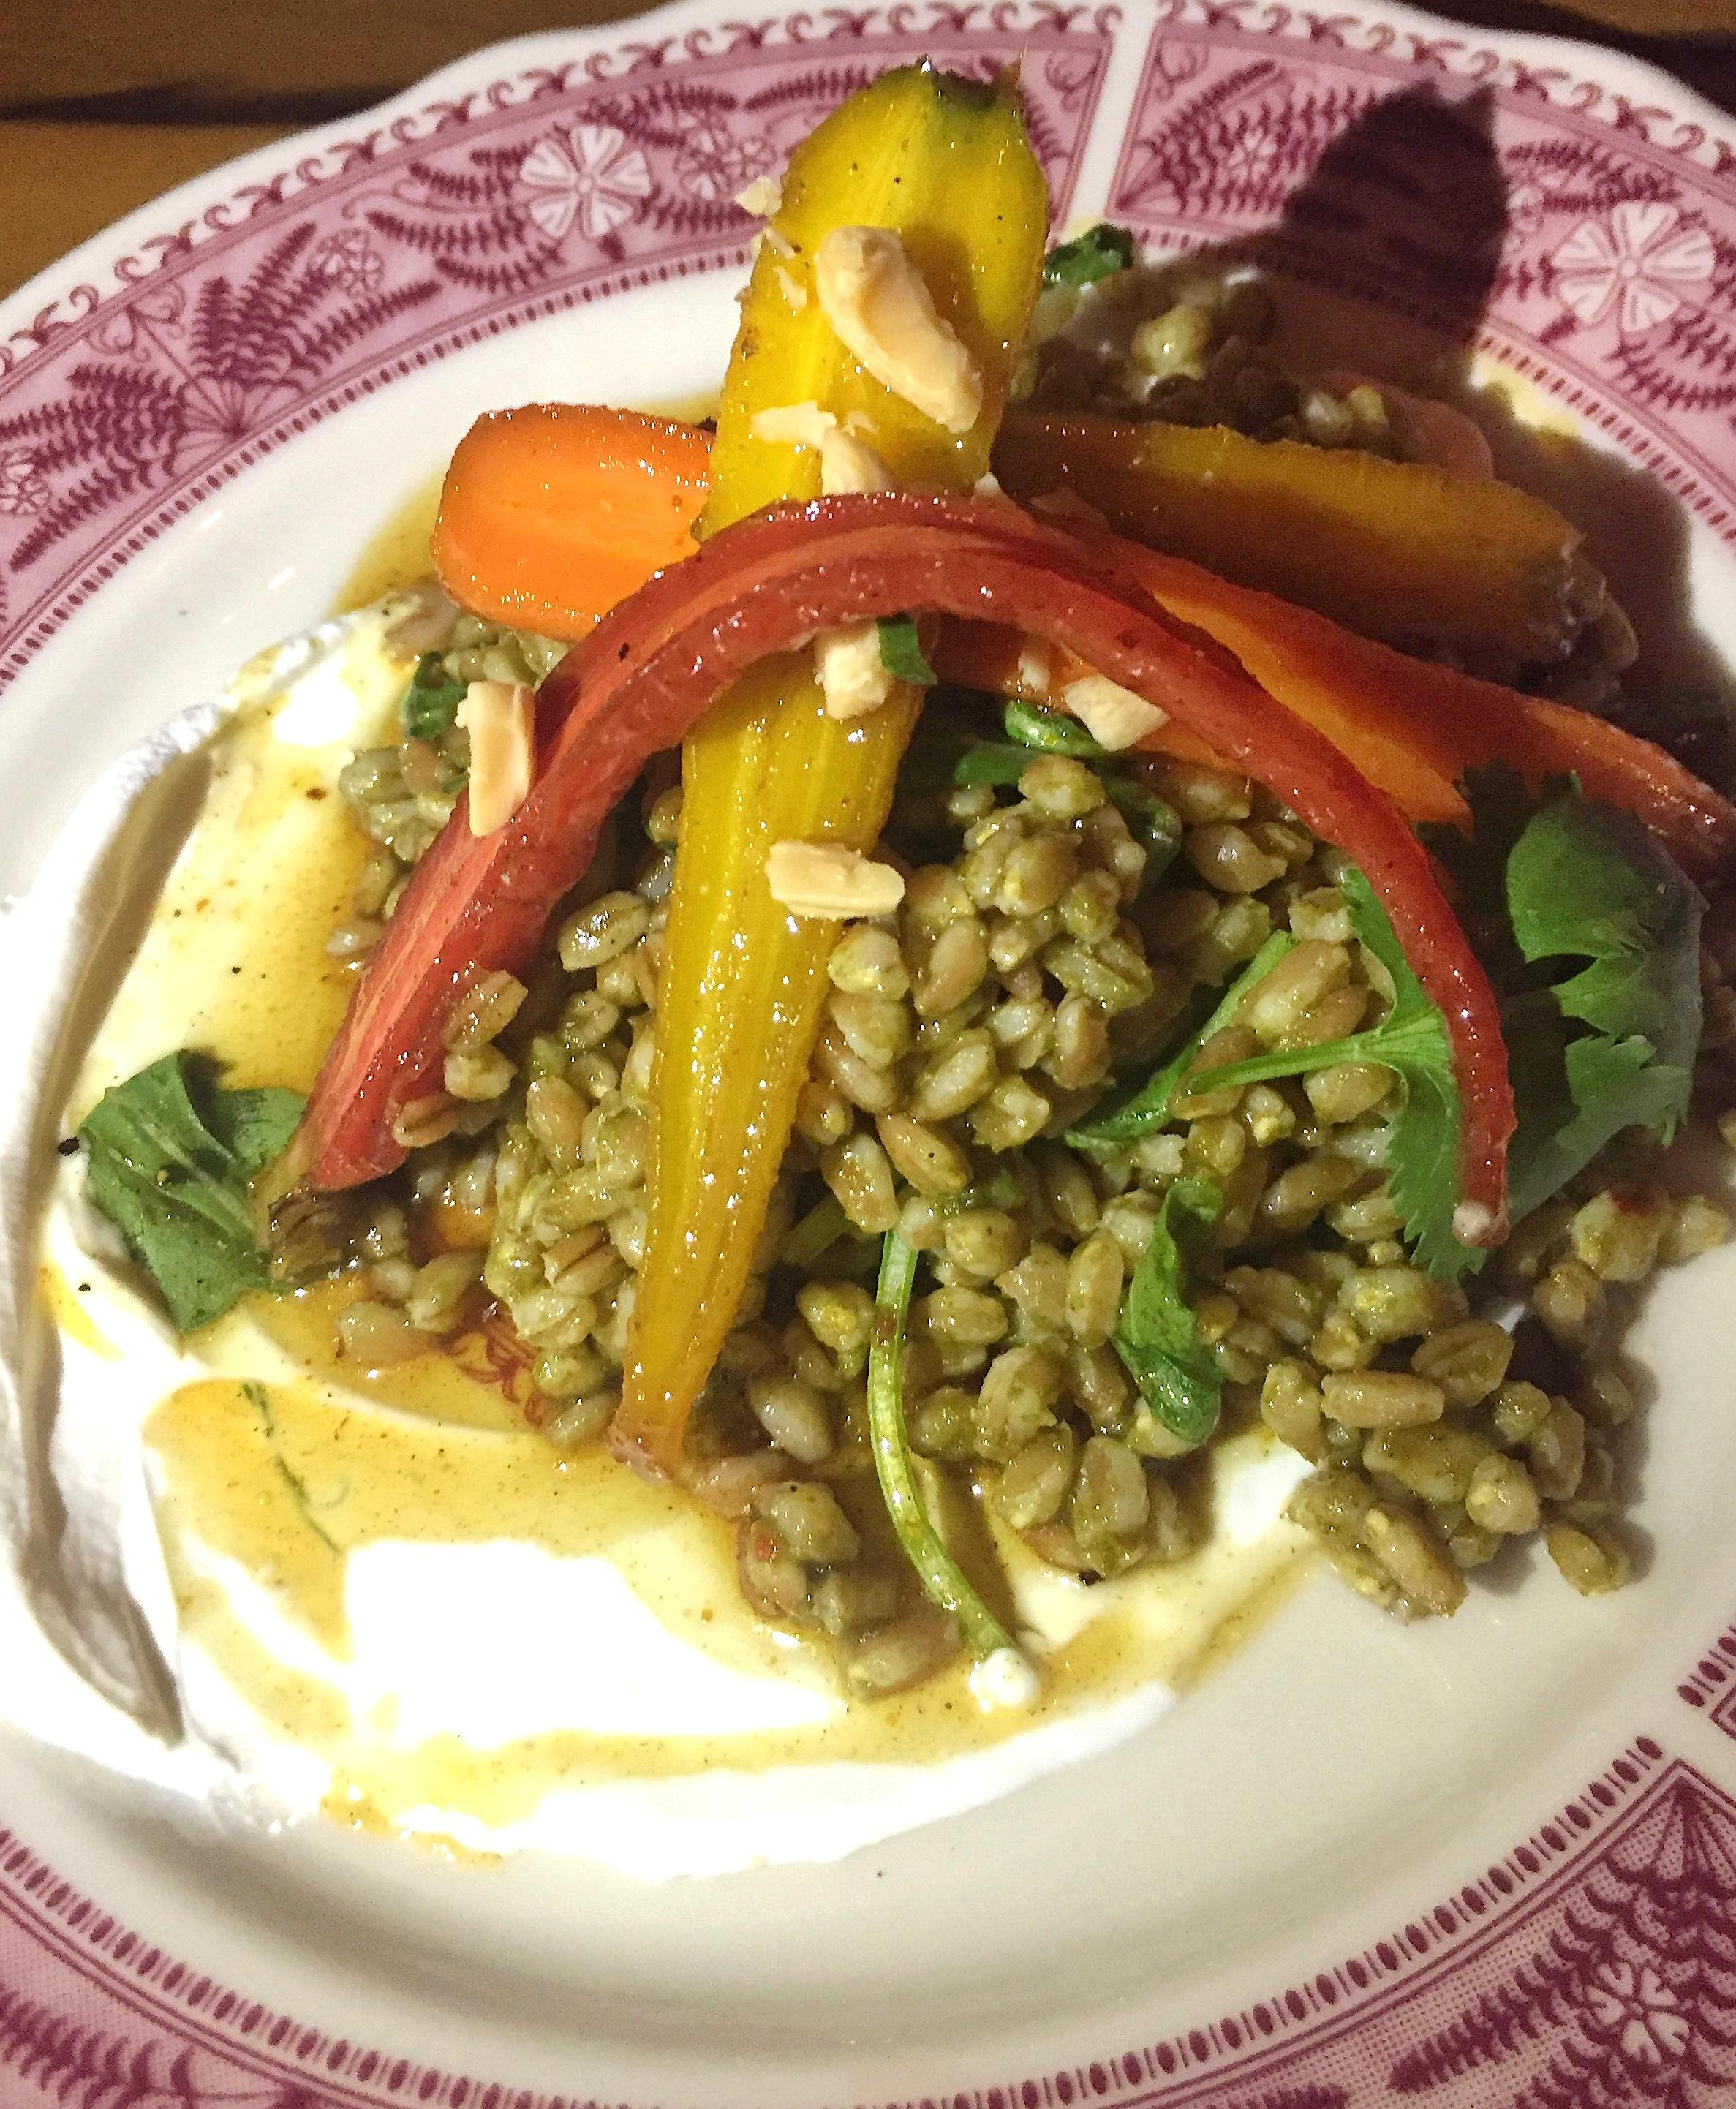 Sarsaparilla Club Spiced honey carrots and farro salad